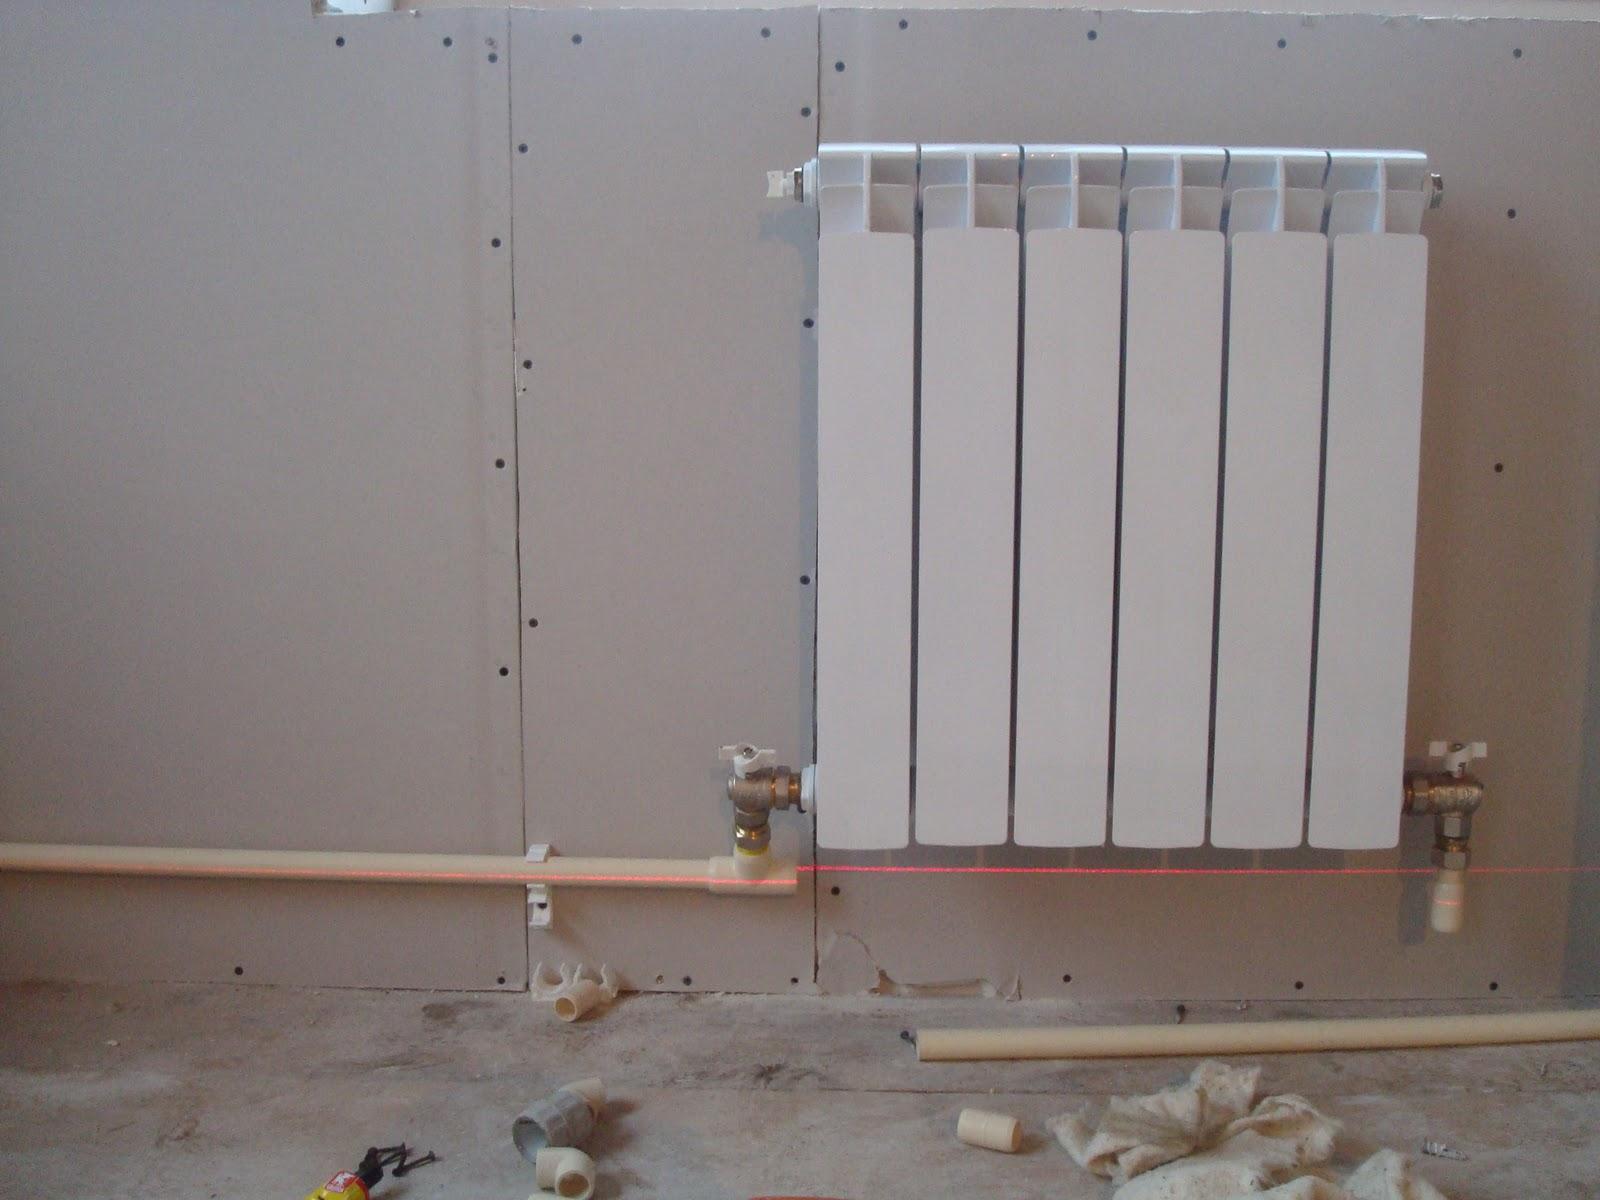 Однотрубное отопление в частном доме своими руками